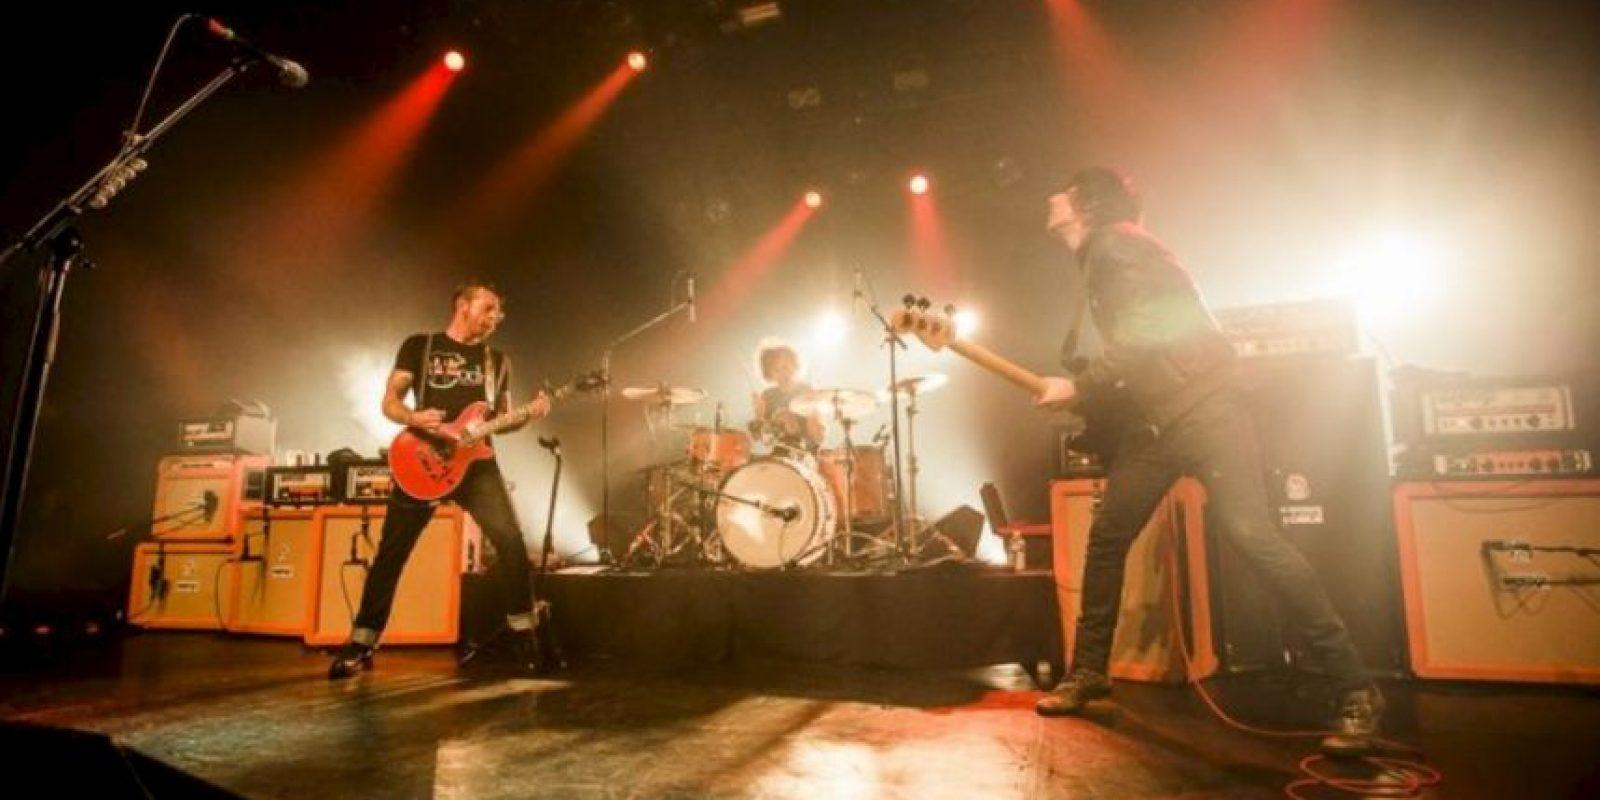 El concierto era parte de una gira en países europeos Foto:Vía Facebook.com/manuwino